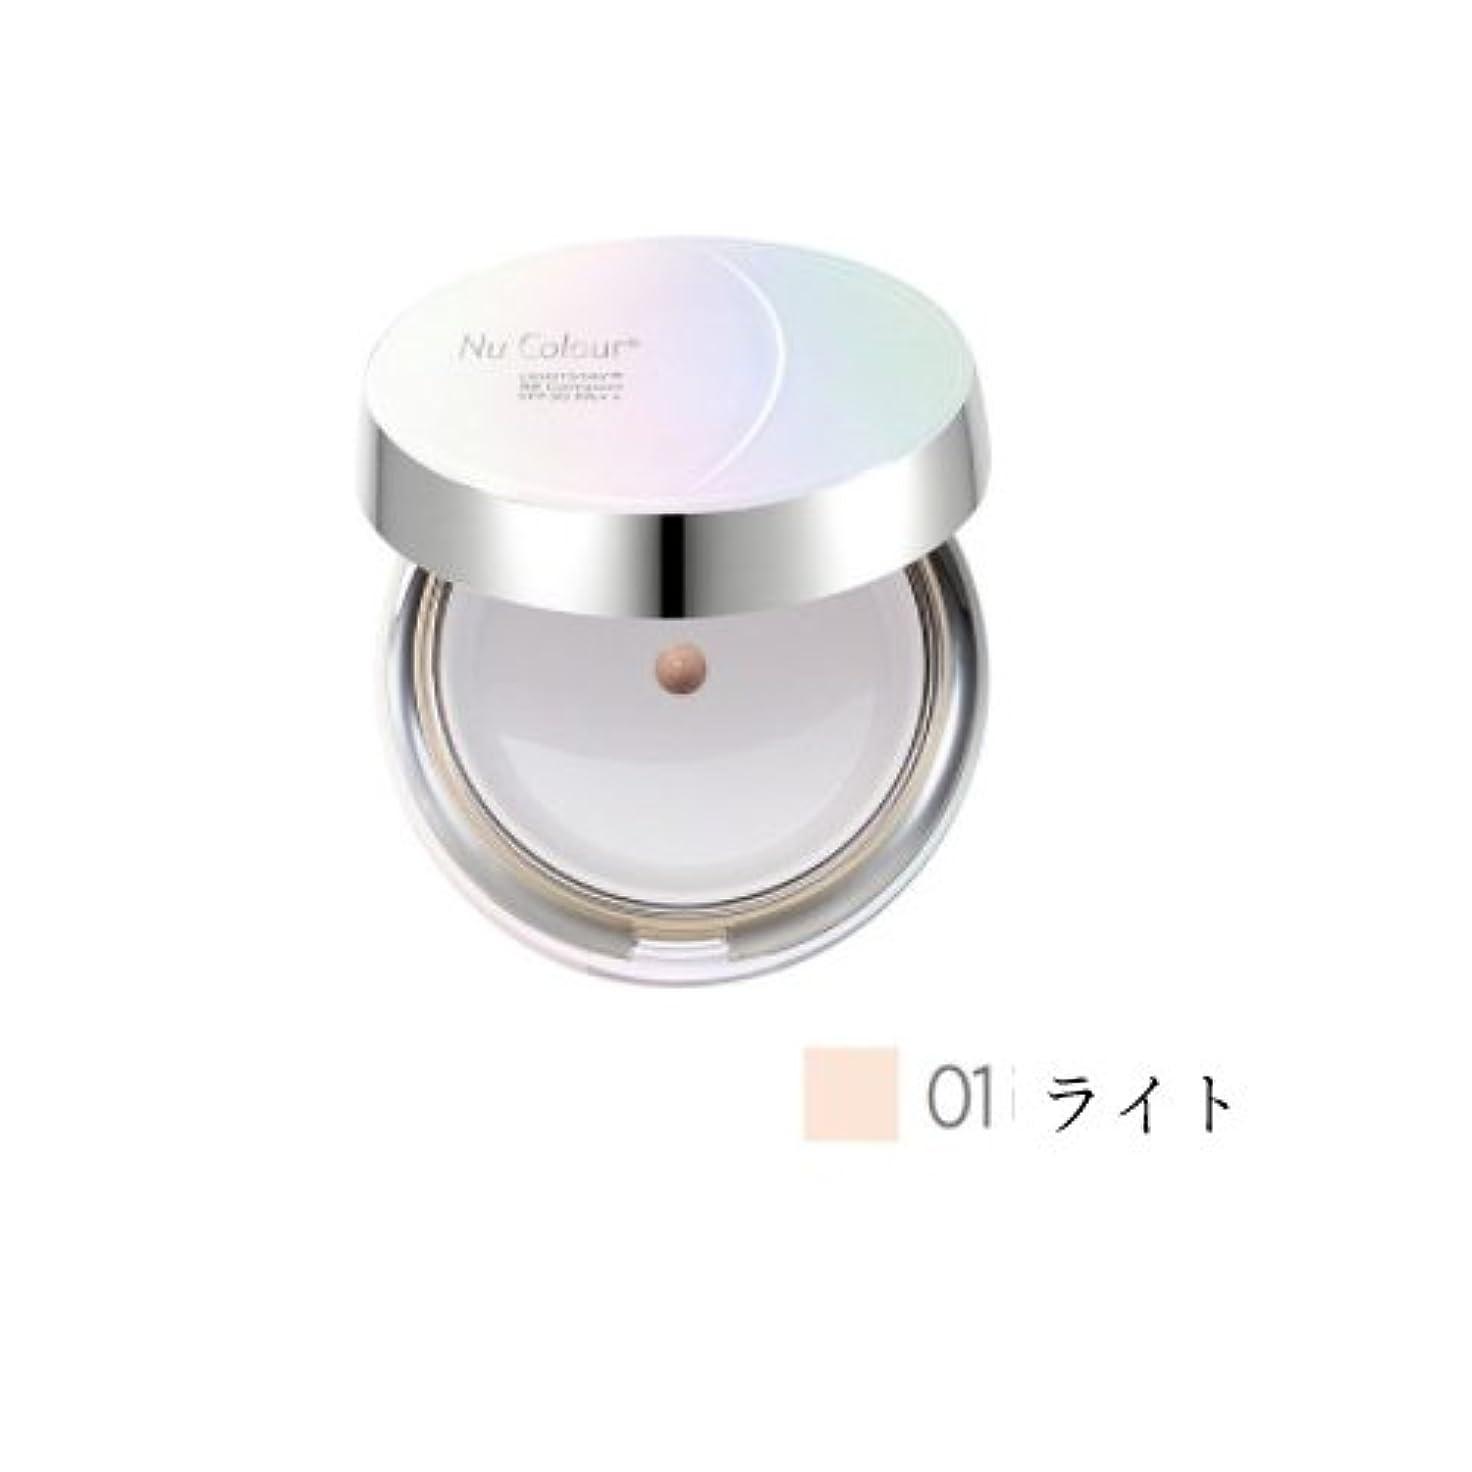 不利益レクリエーション欺ニュースキン ライトステイビビコンパクトSPF30 PA++01ライト BB Compact 01 Light [並行輸入品]